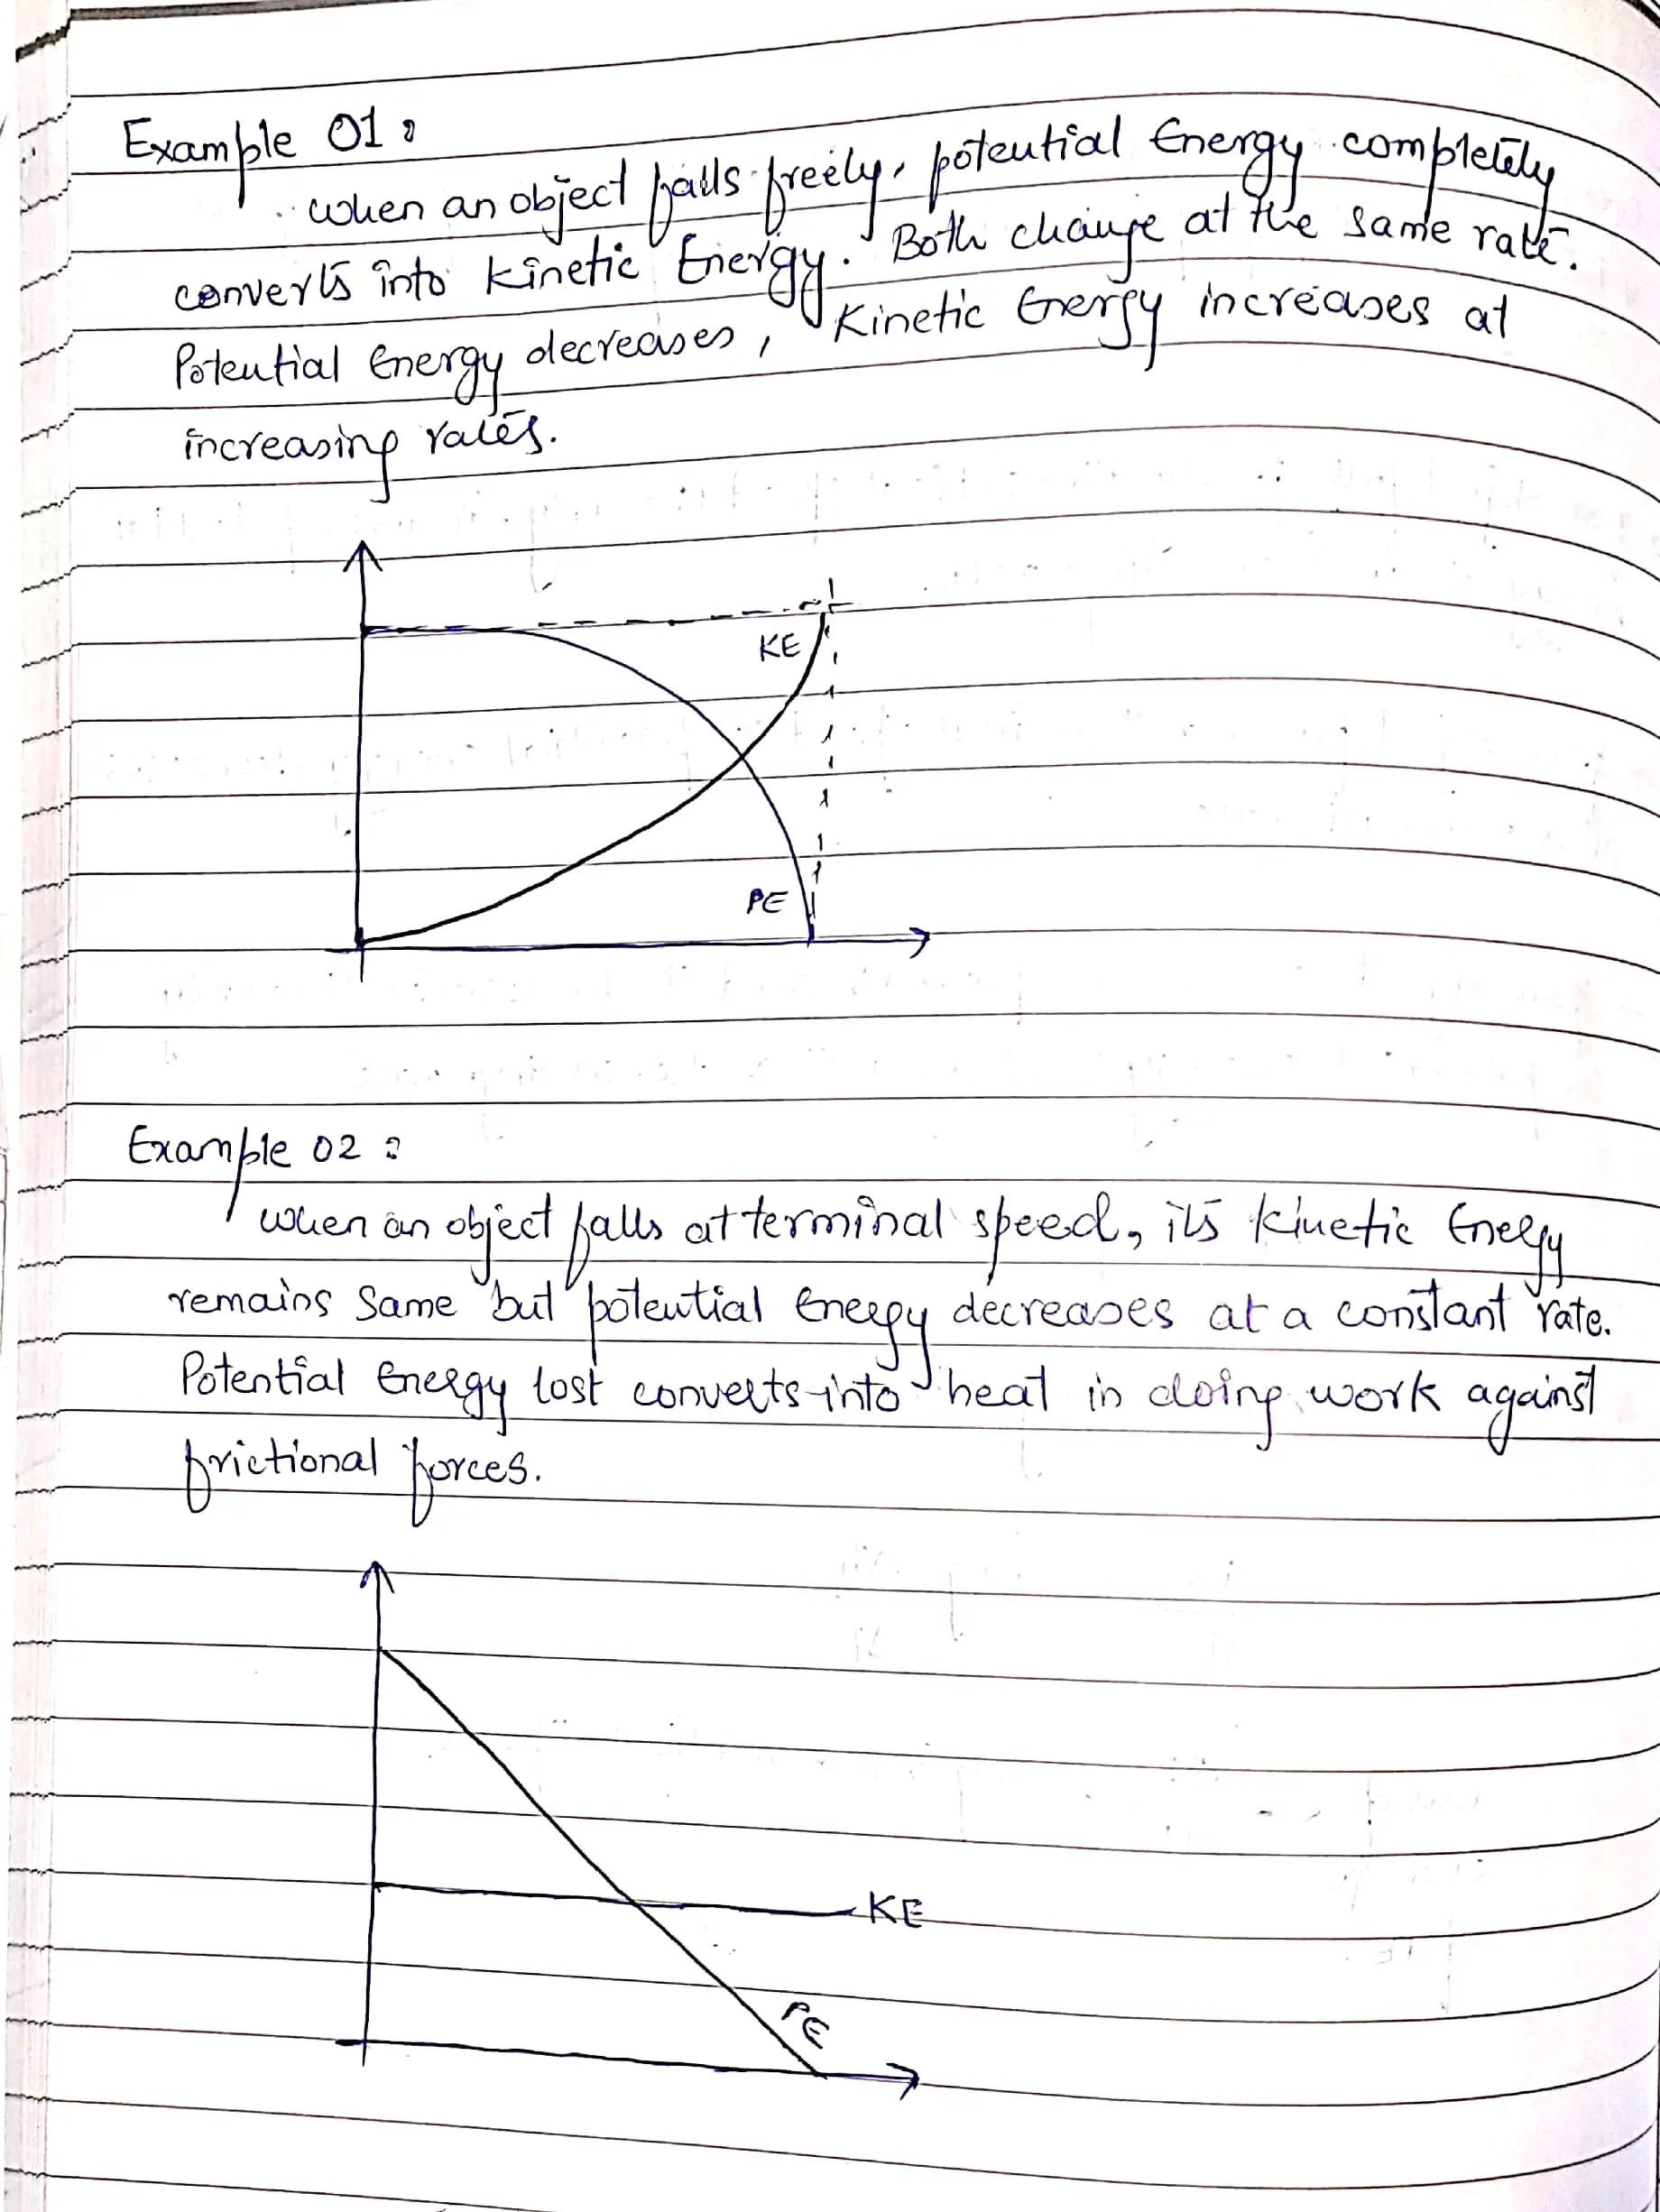 Phy work energy power_12